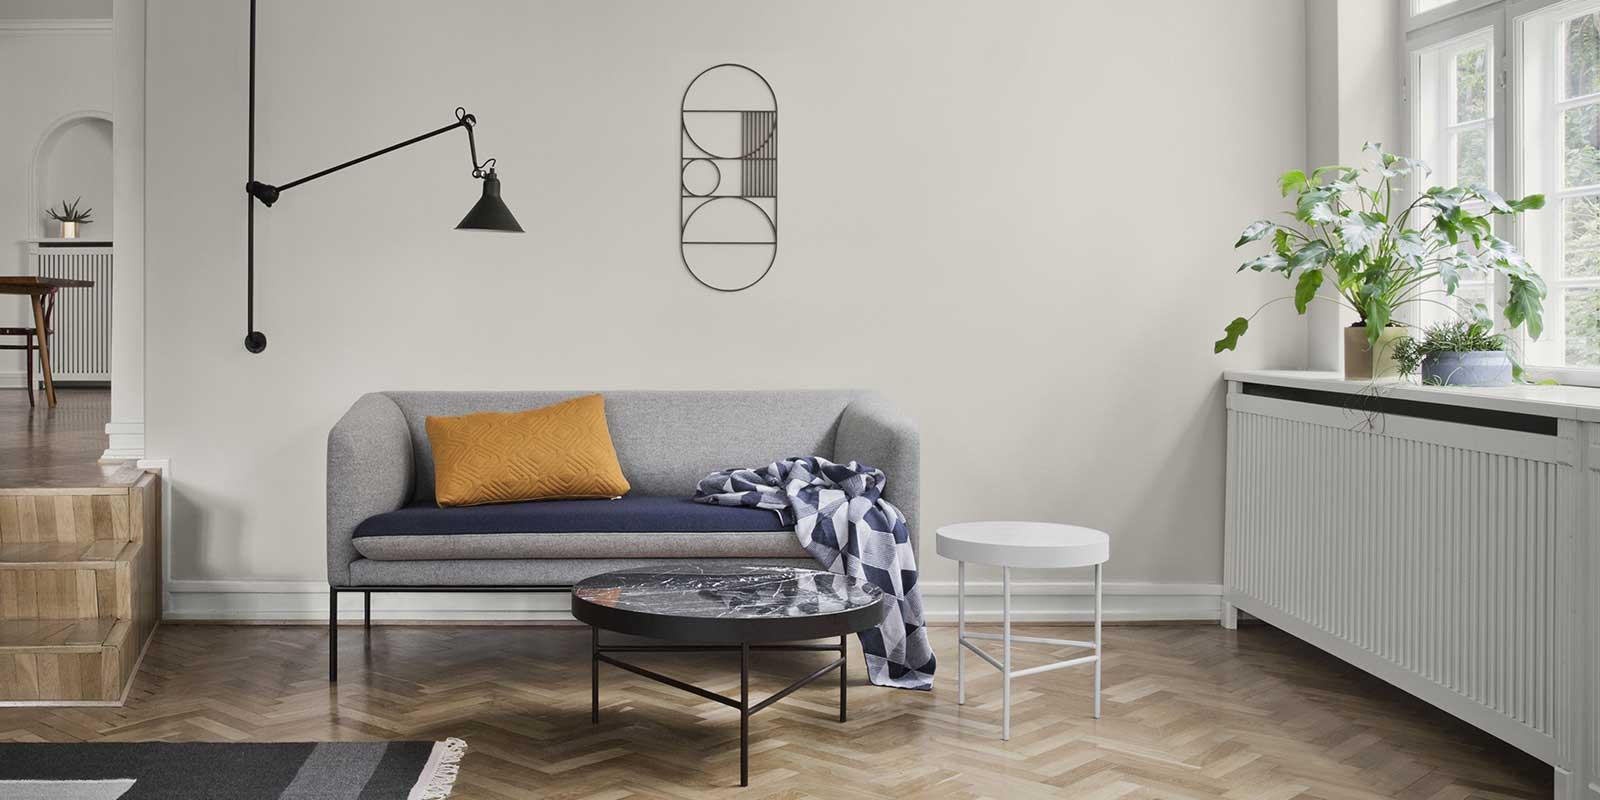 ferm living automne hiver 2015. Black Bedroom Furniture Sets. Home Design Ideas